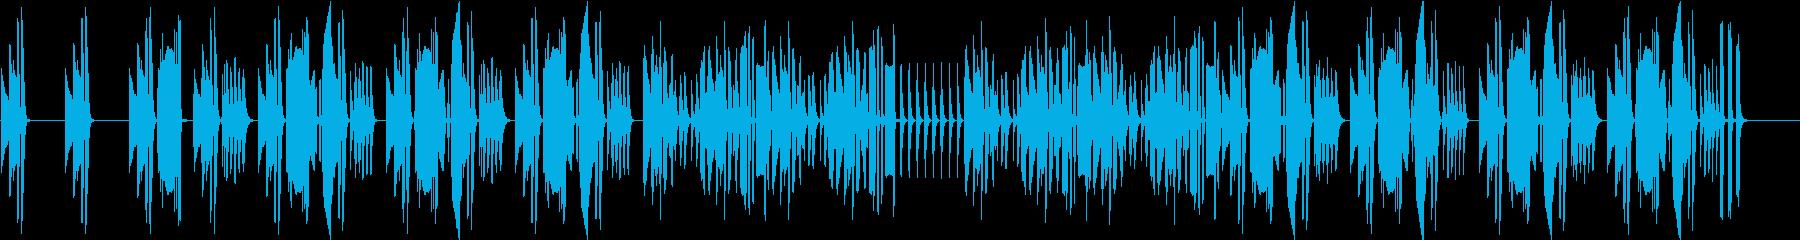 コミカルでいたずらな雰囲気のシンプル劇判の再生済みの波形